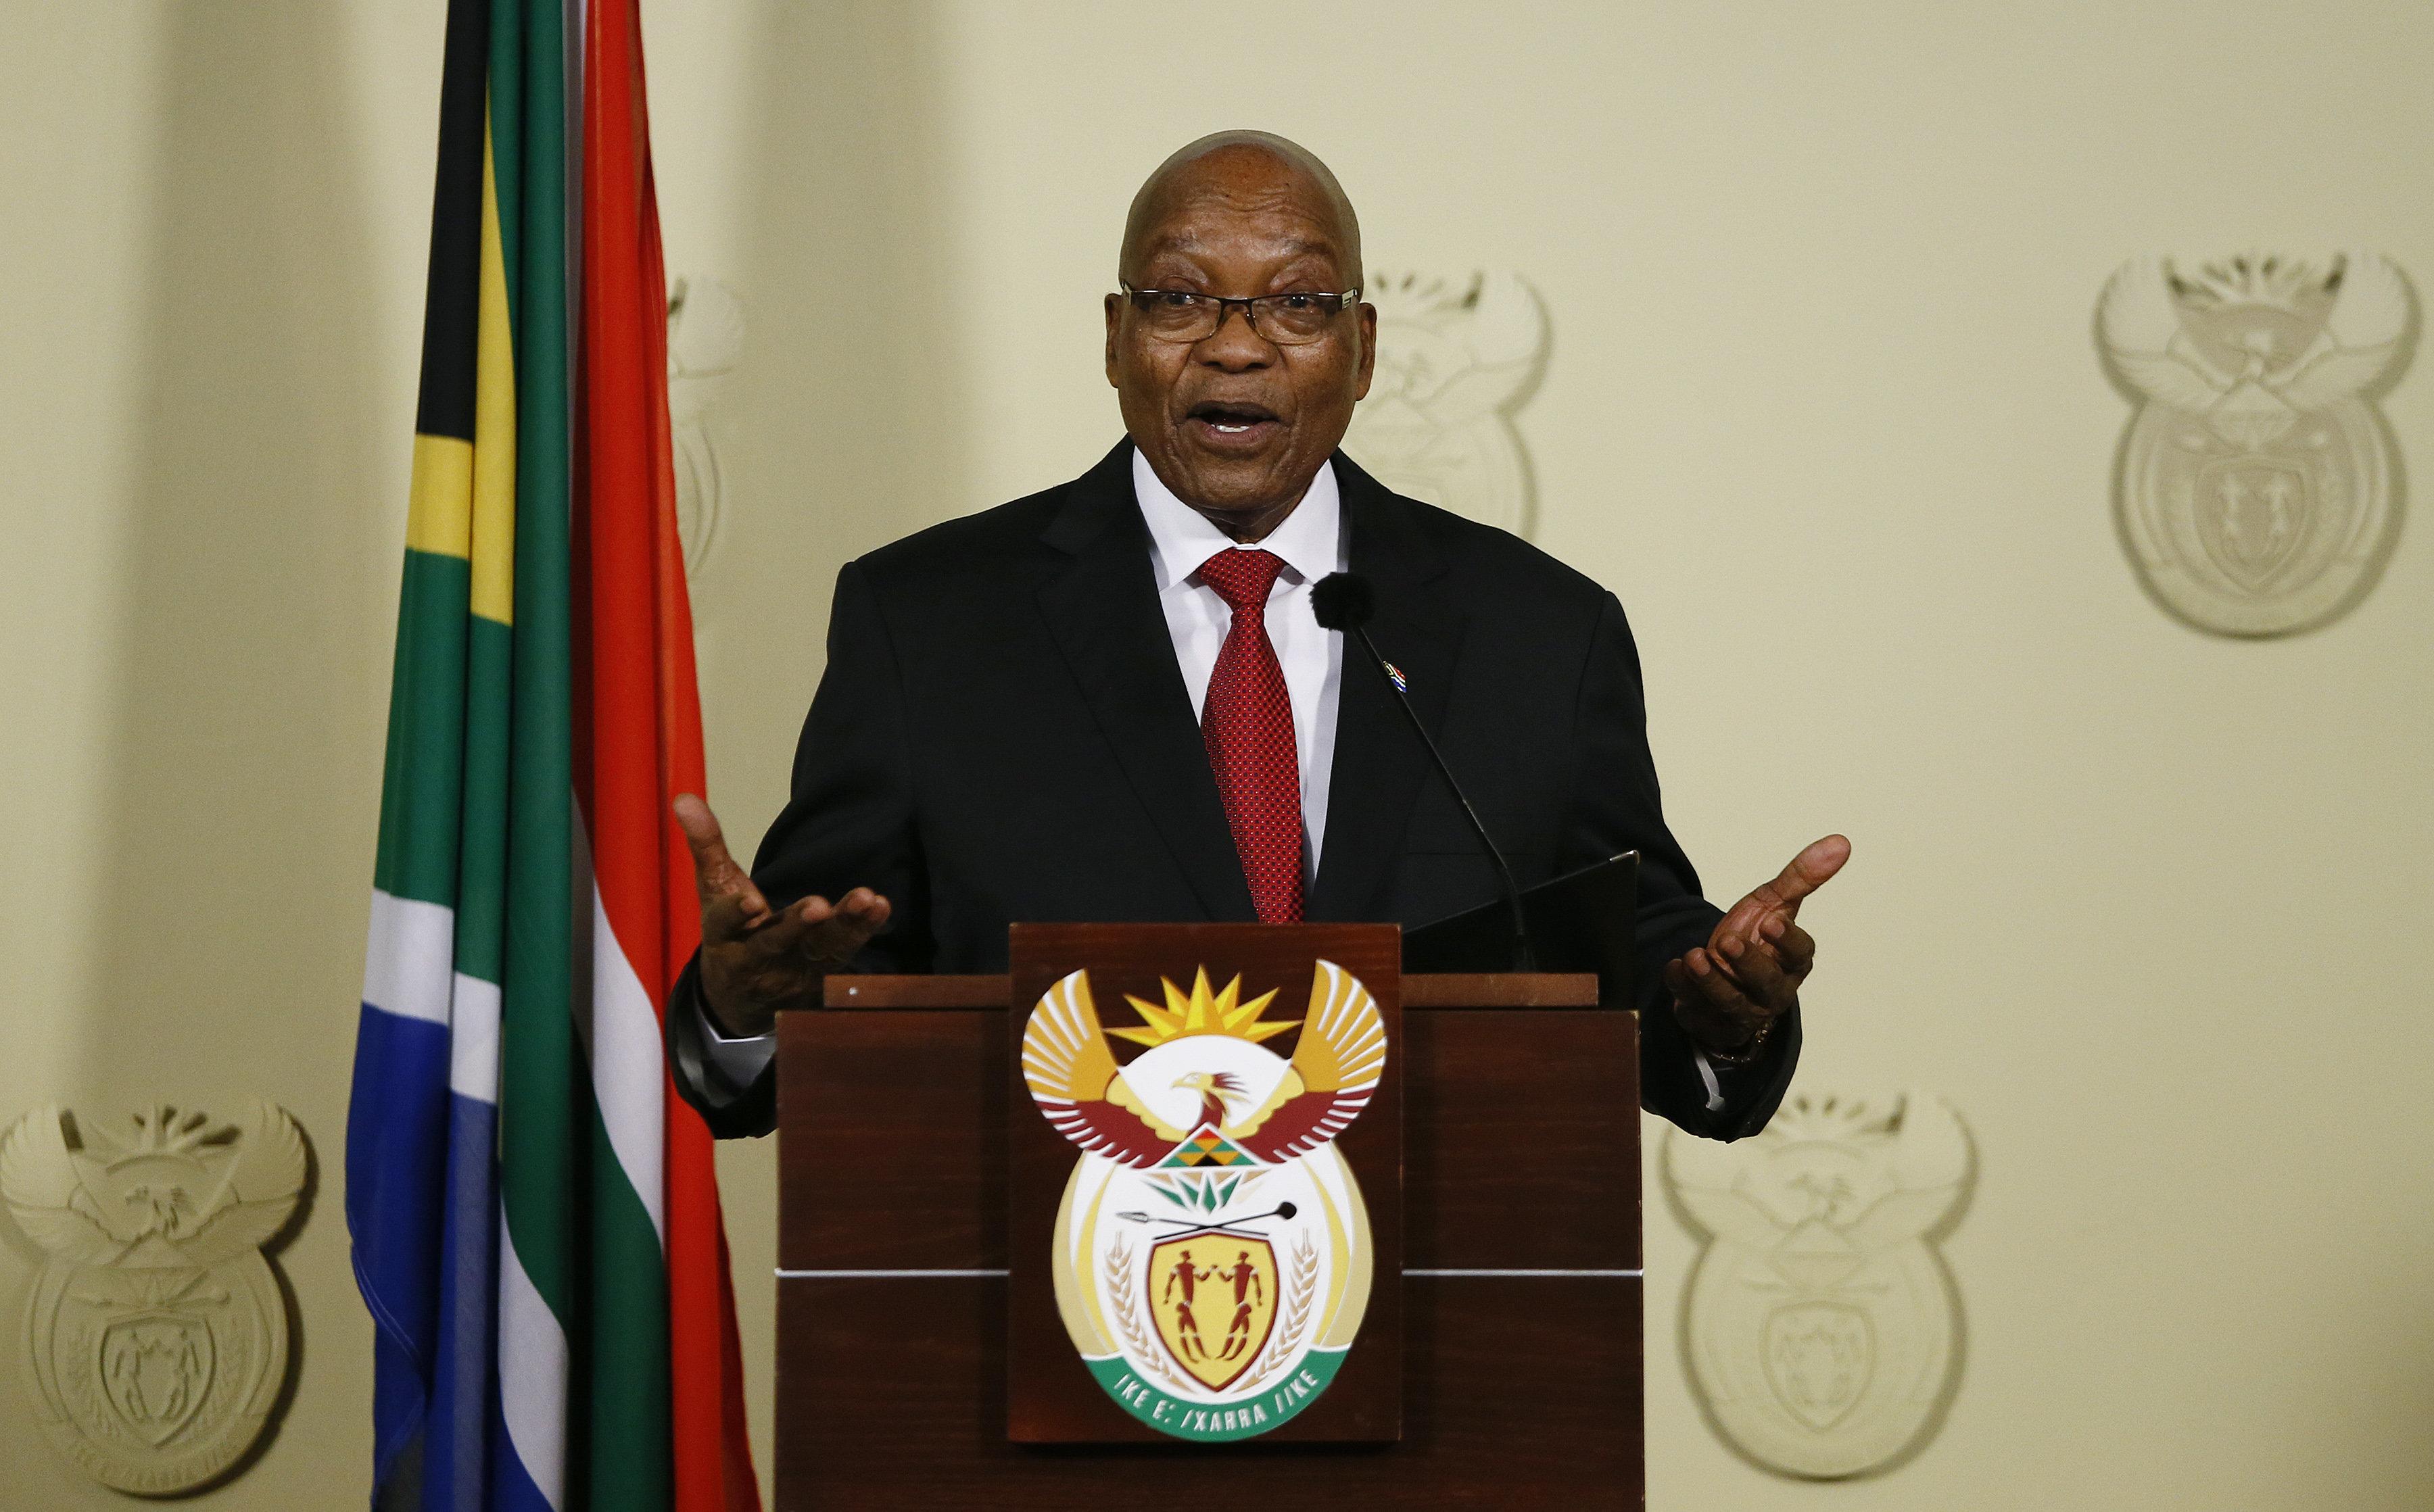 Νότια Αφρική: Παραιτήθηκε ο πρόεδρος Τζέικομπ